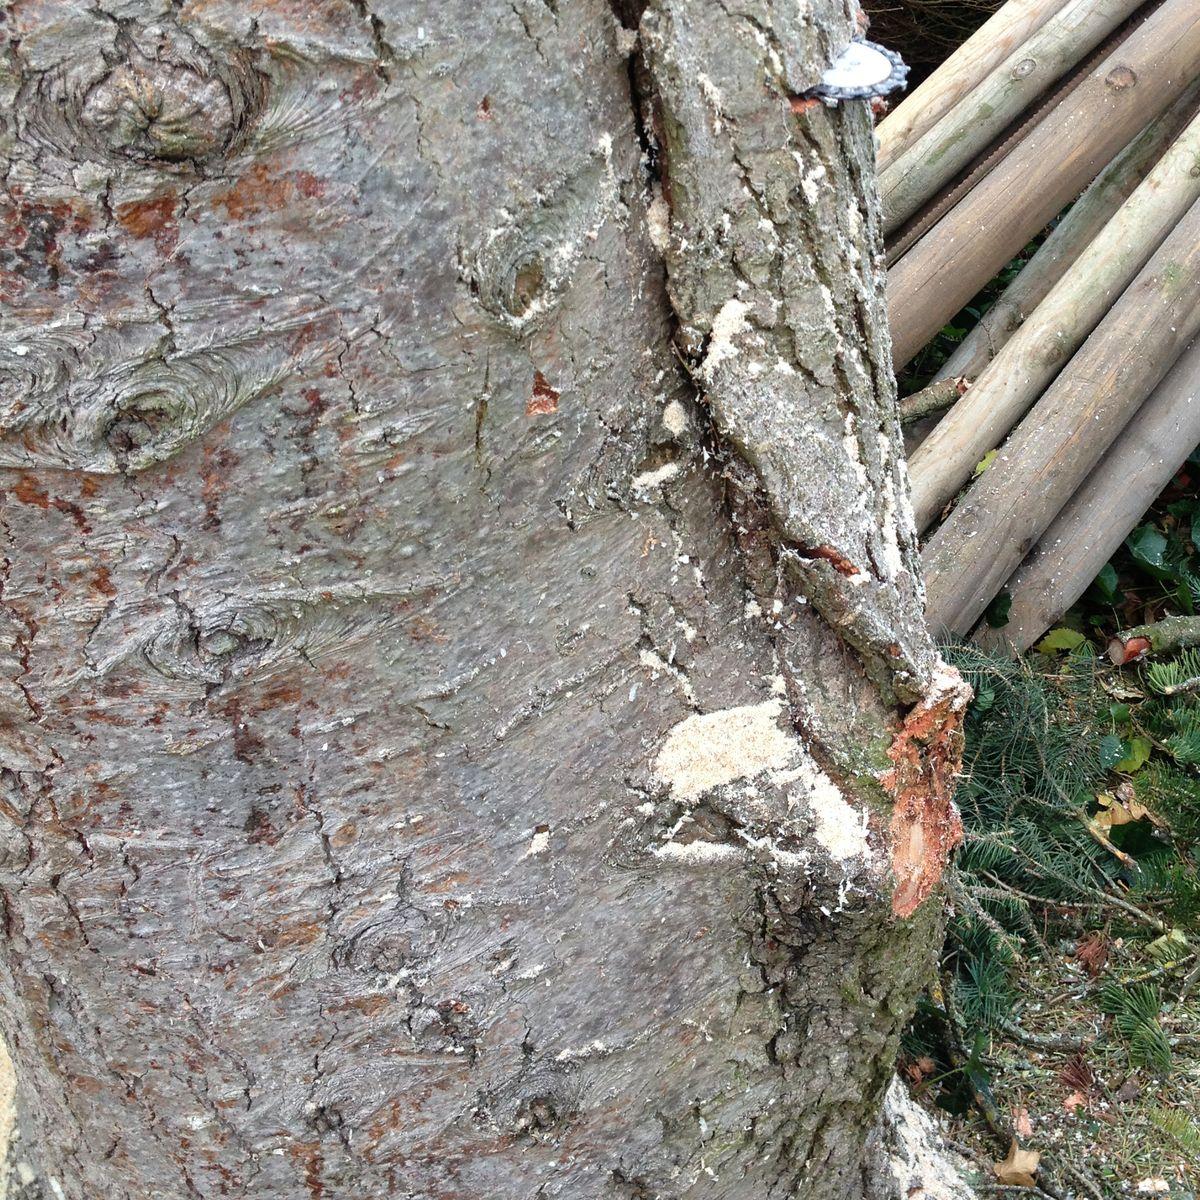 Symptome und Gefahren durch Zwiesel in Bäumen